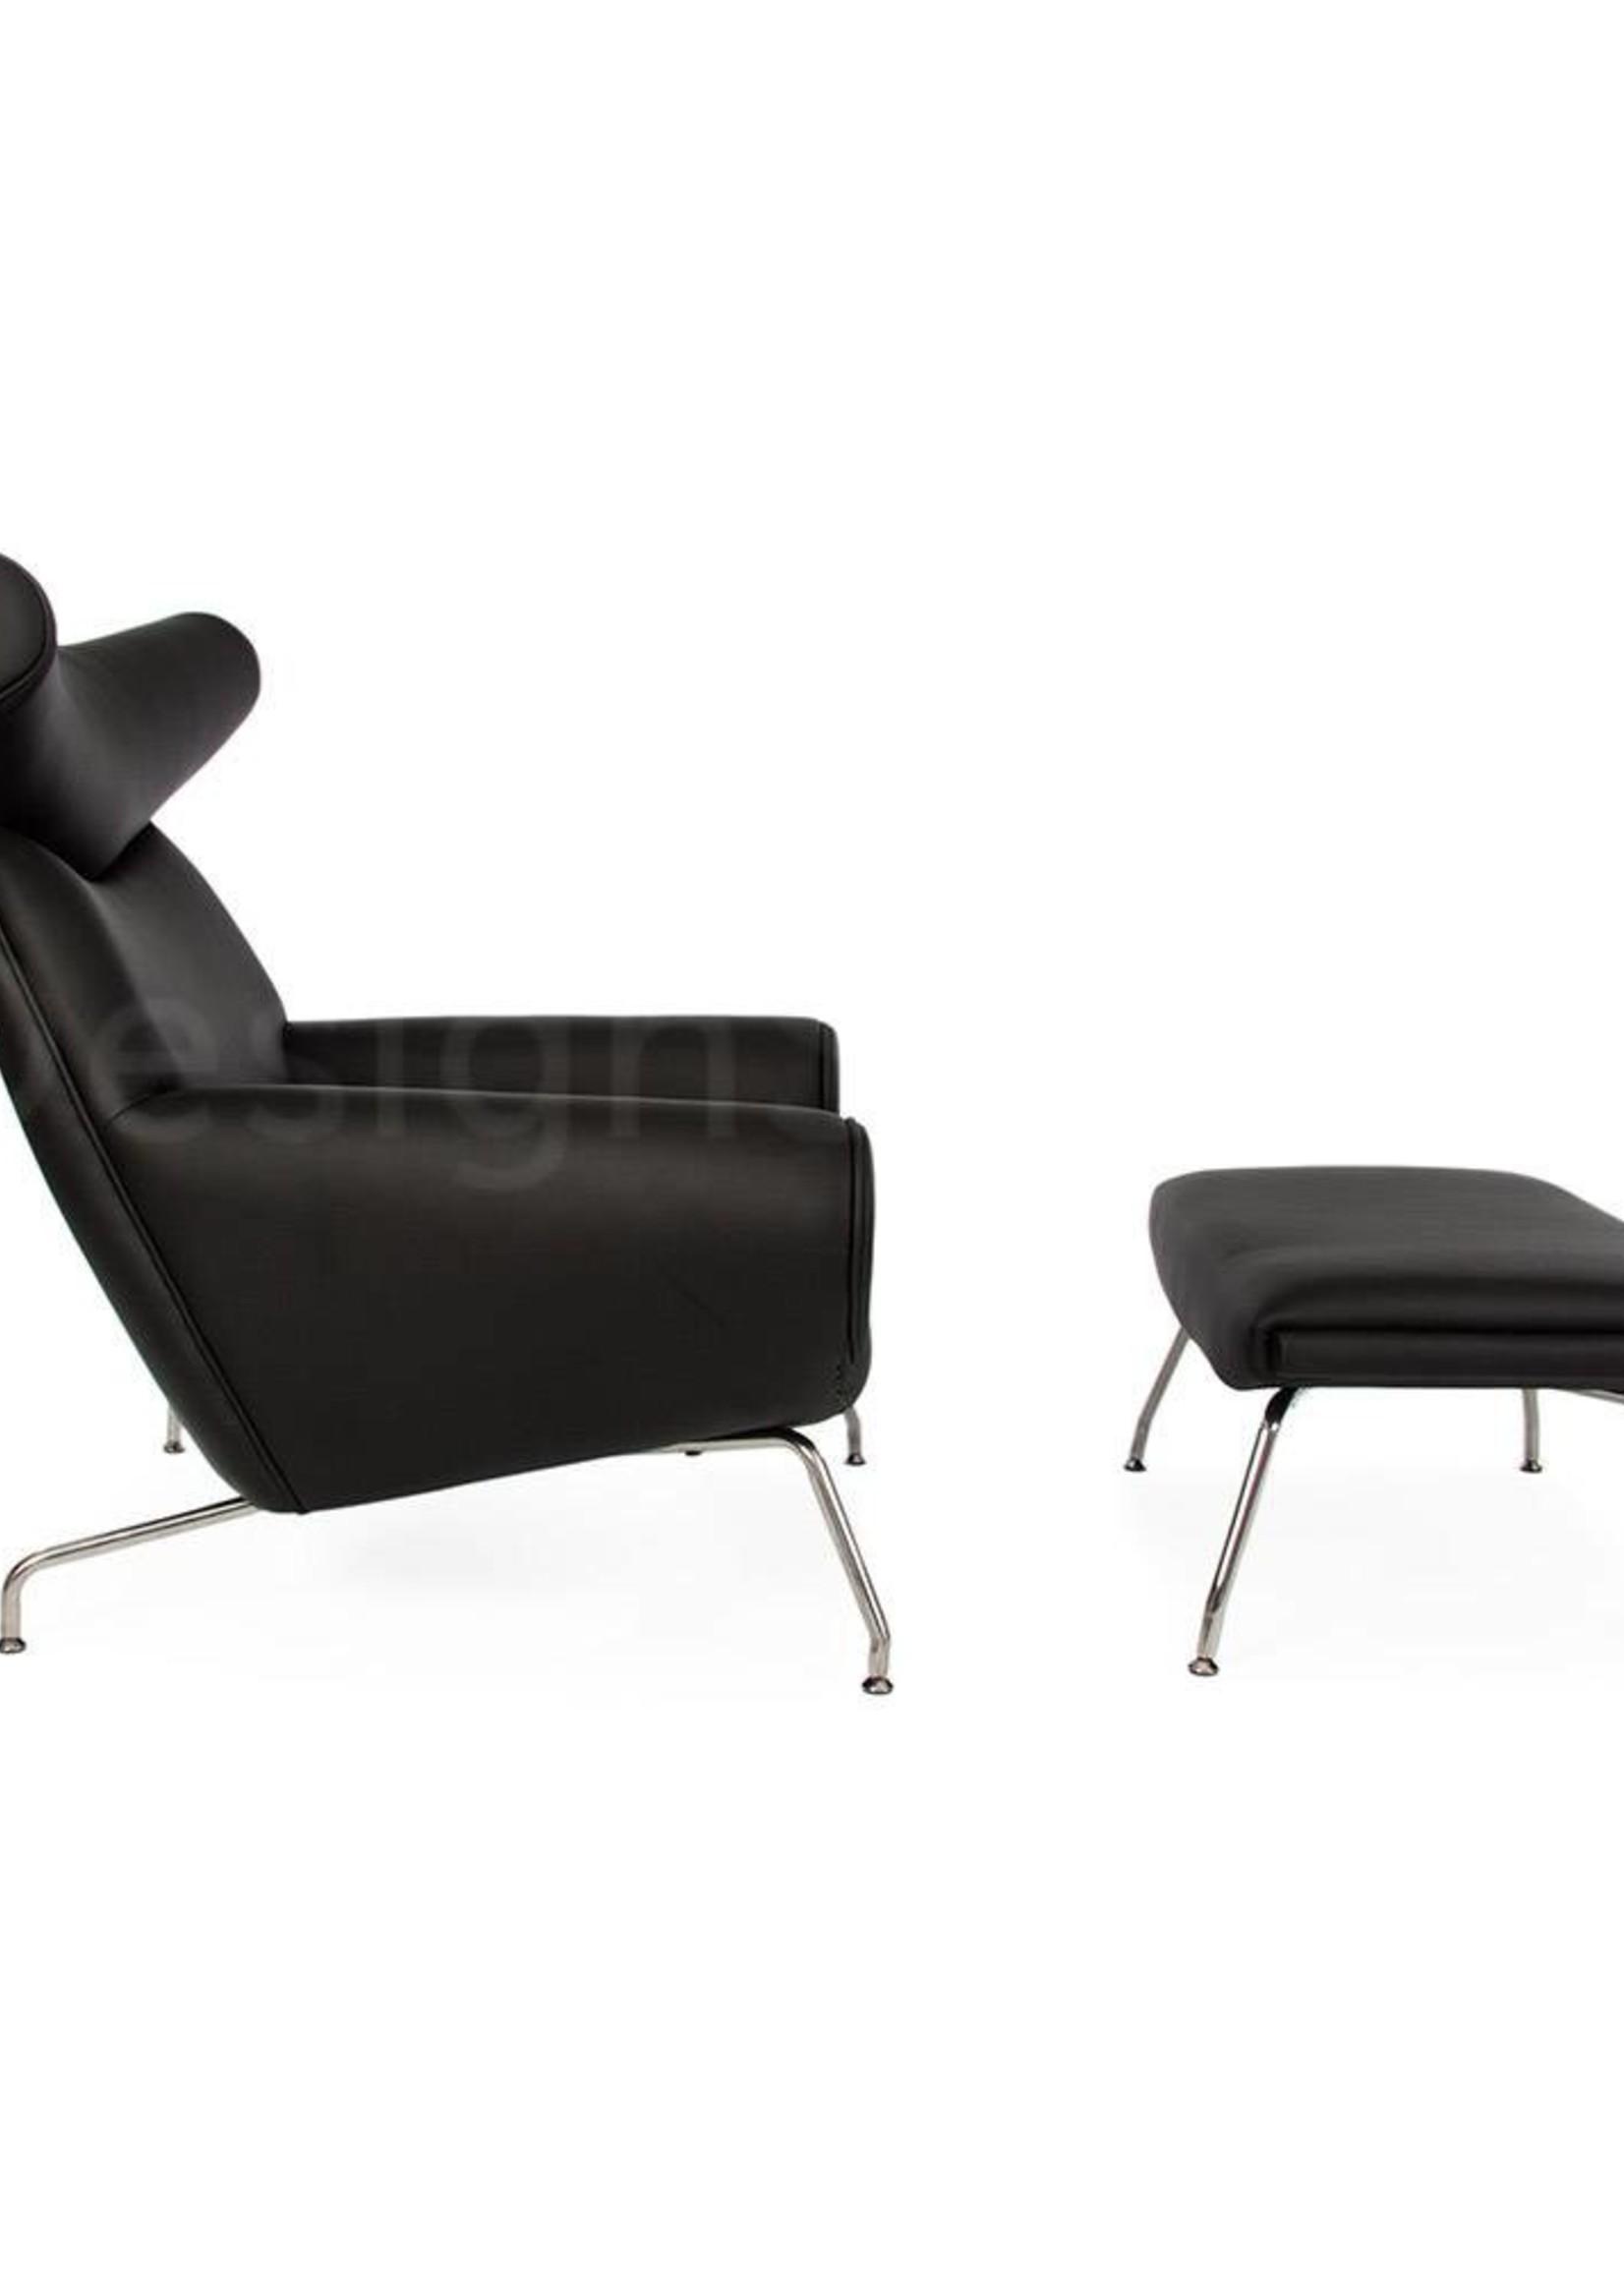 Ox chair Zwart-Leer